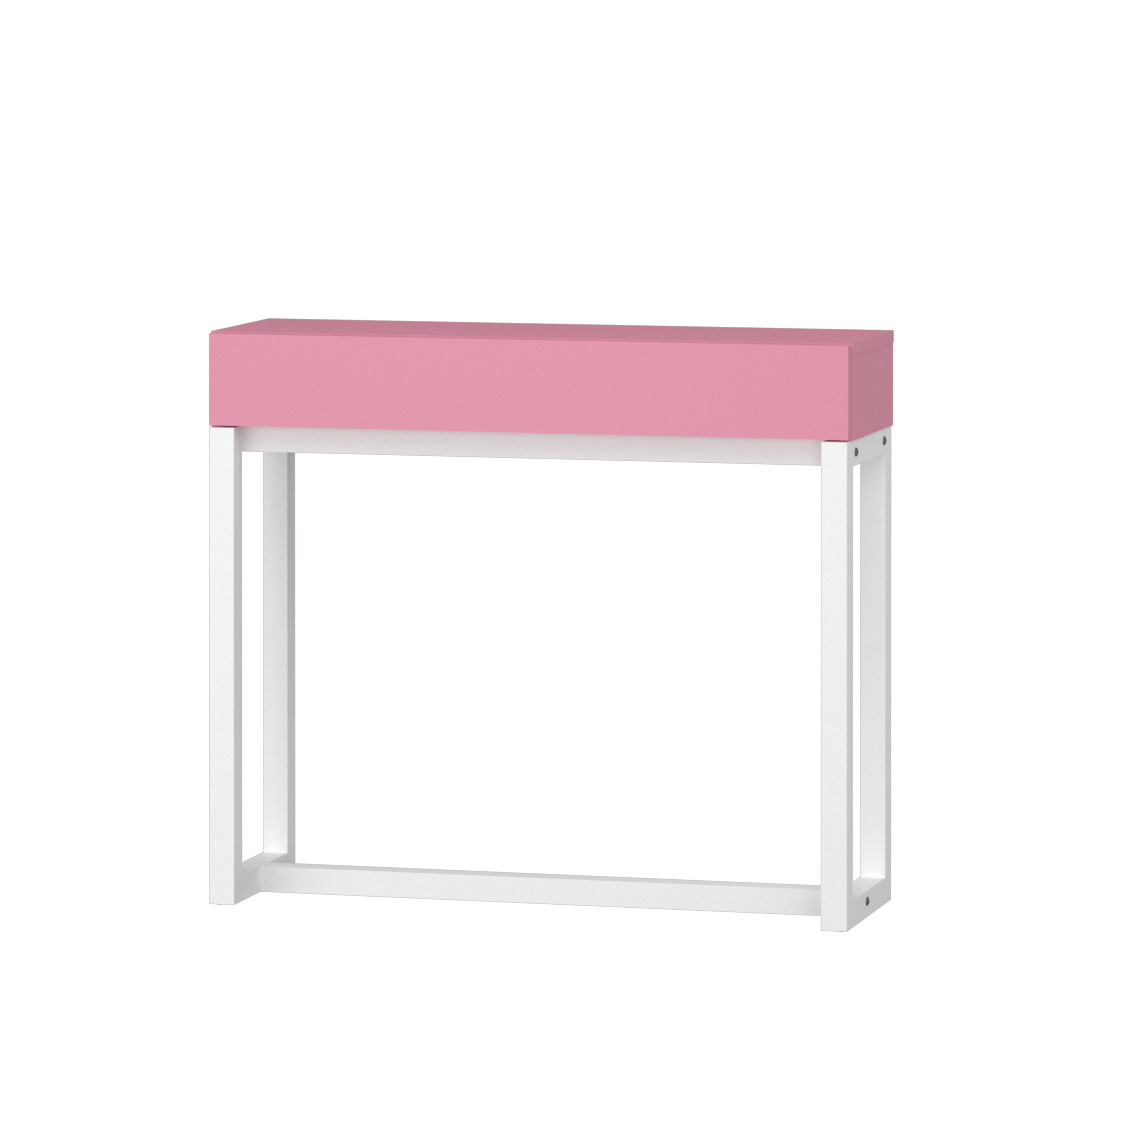 Bianco / Rose pink